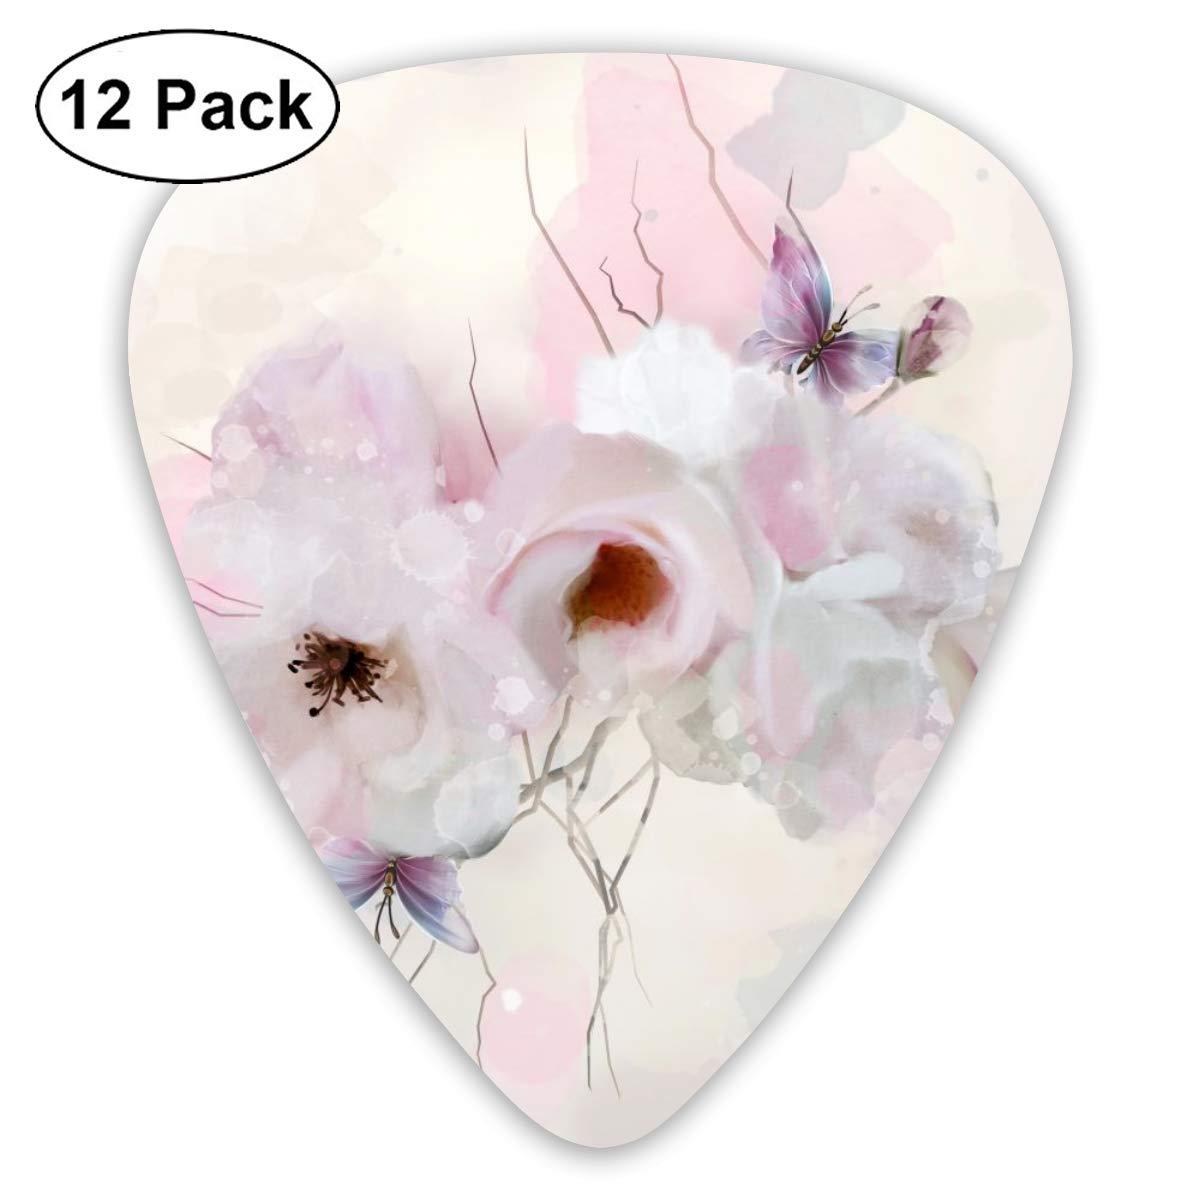 Cavdwa Acuarela Composición con Flores de Primavera Personalizadas ...